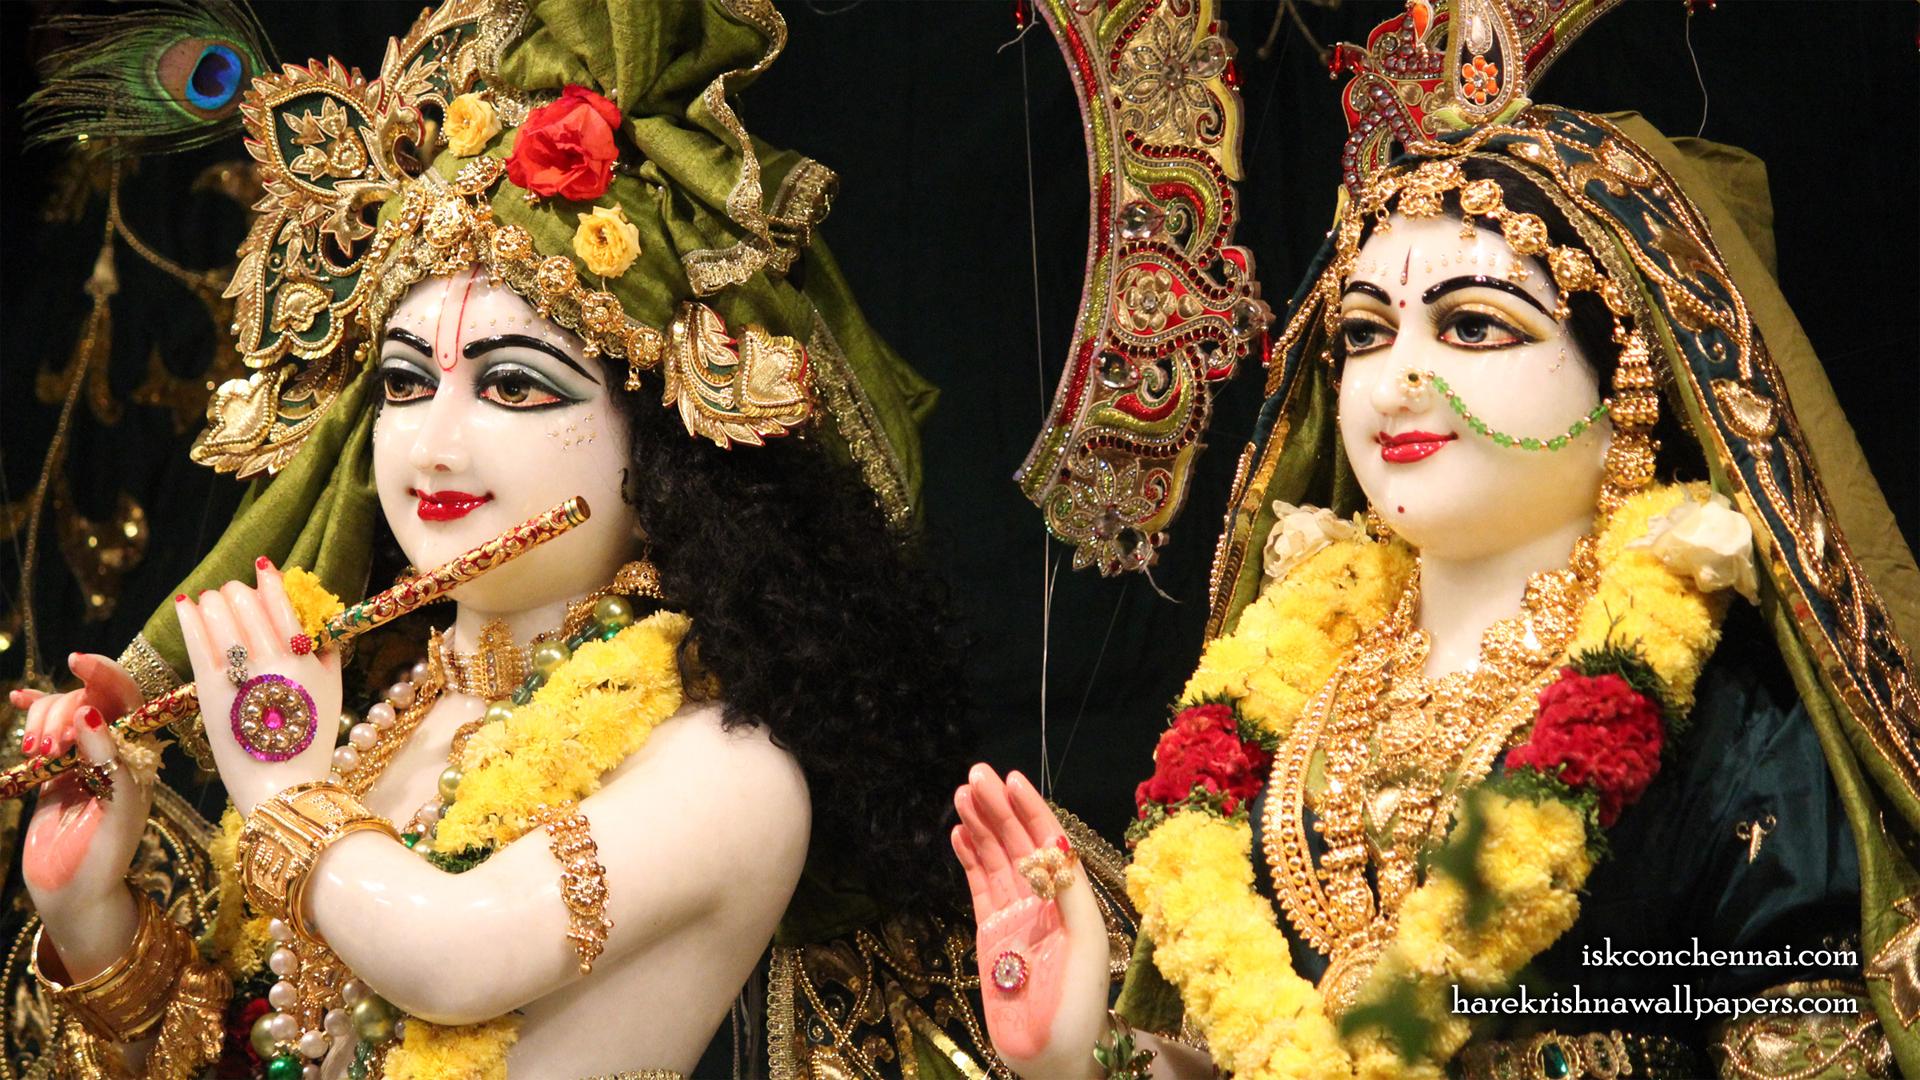 Sri Sri Radha Krishna Close up Wallpaper (004) Size 1920x1080 Download